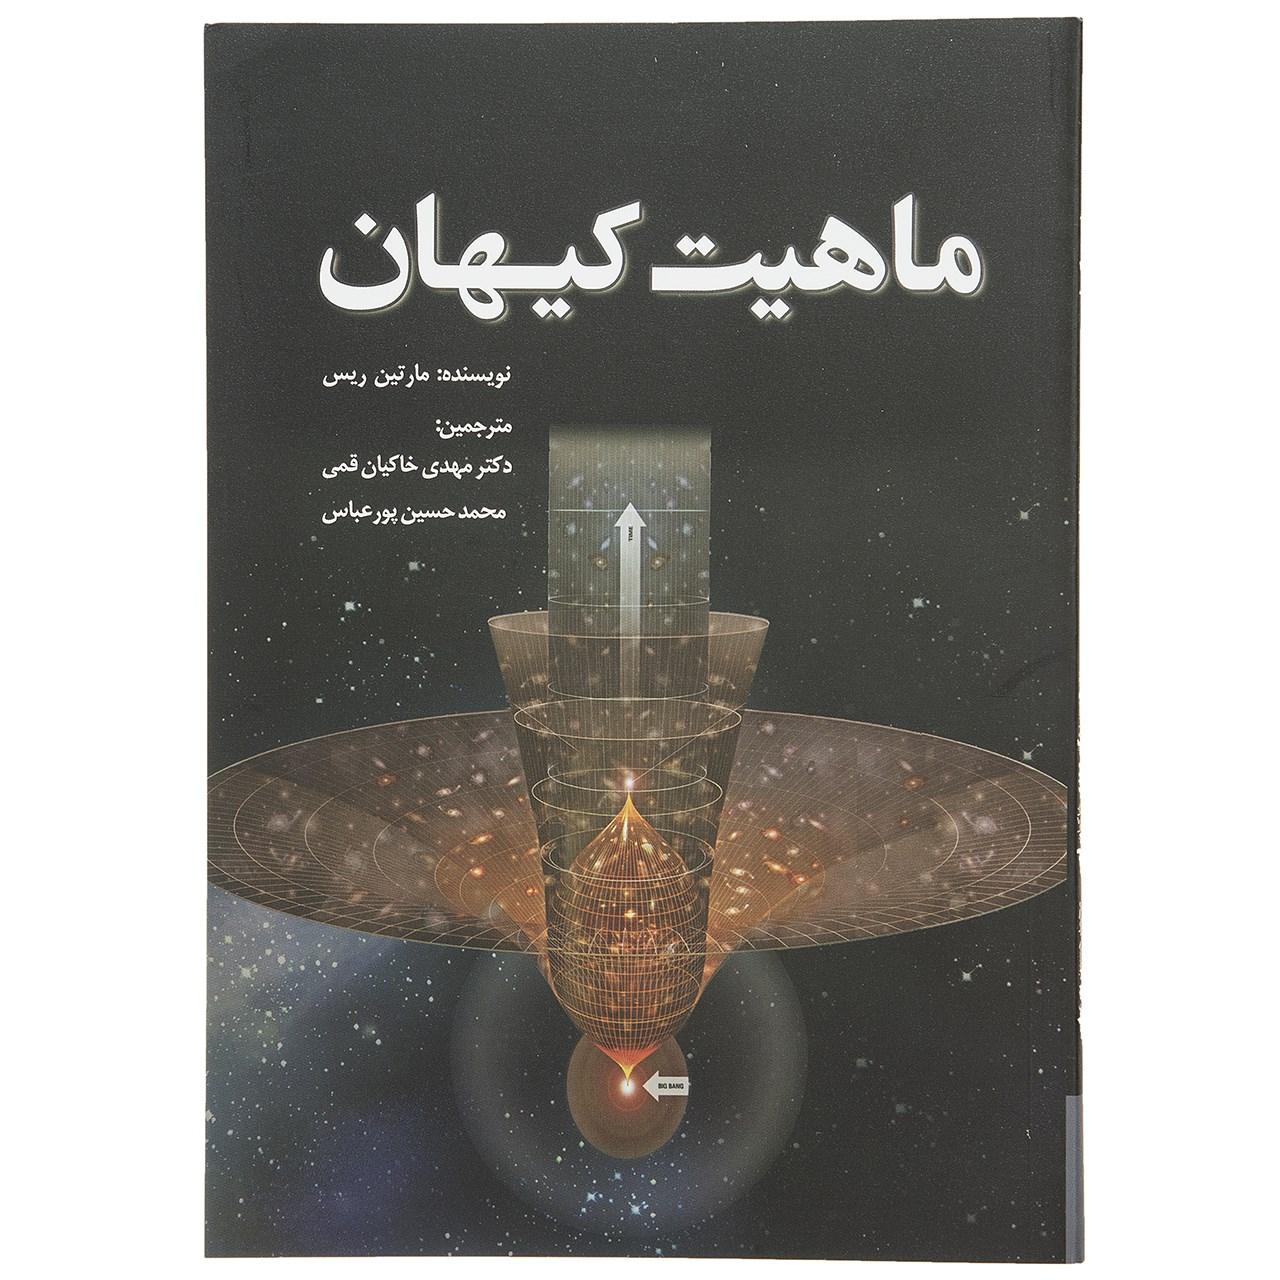 کتاب ماهیت کیهان اثر مارتین ریس